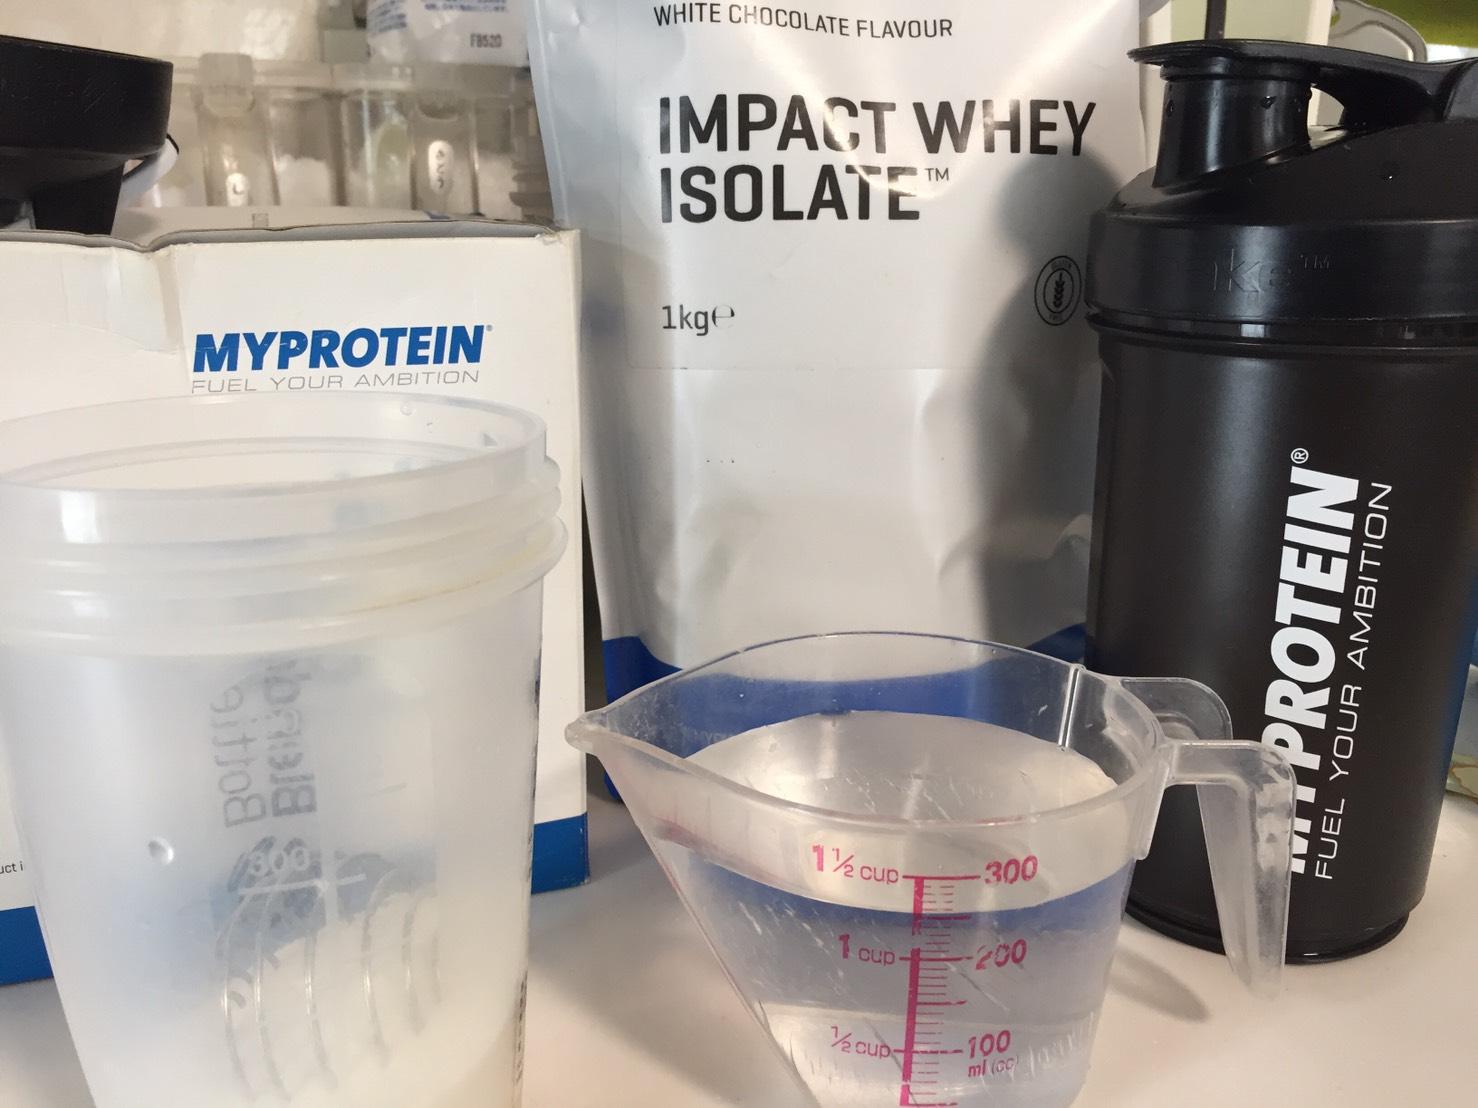 【WPI】IMPACT 分離ホエイプロテイン (アイソレート)「WHITE CHOCOLATE FLAVOUR(ホワイトチョコレート味)」を250mlの水に注ぎます。